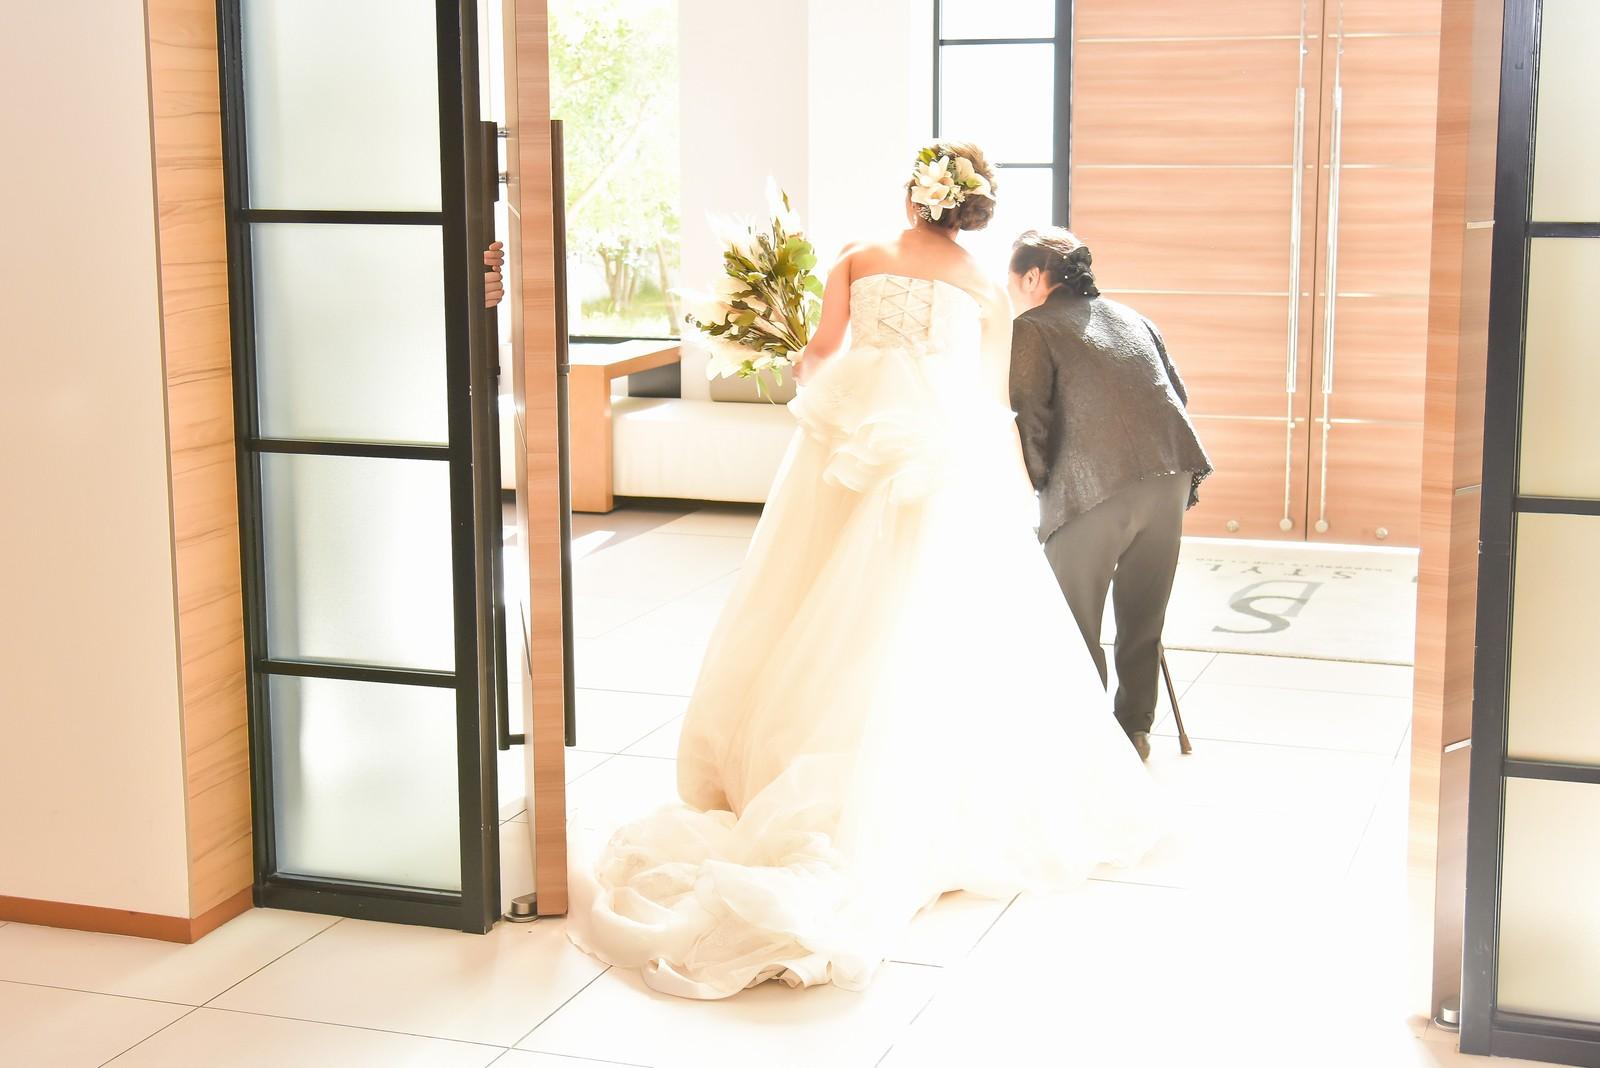 香川県の結婚式場シェルエメール&アイスタイルの新婦お色直し